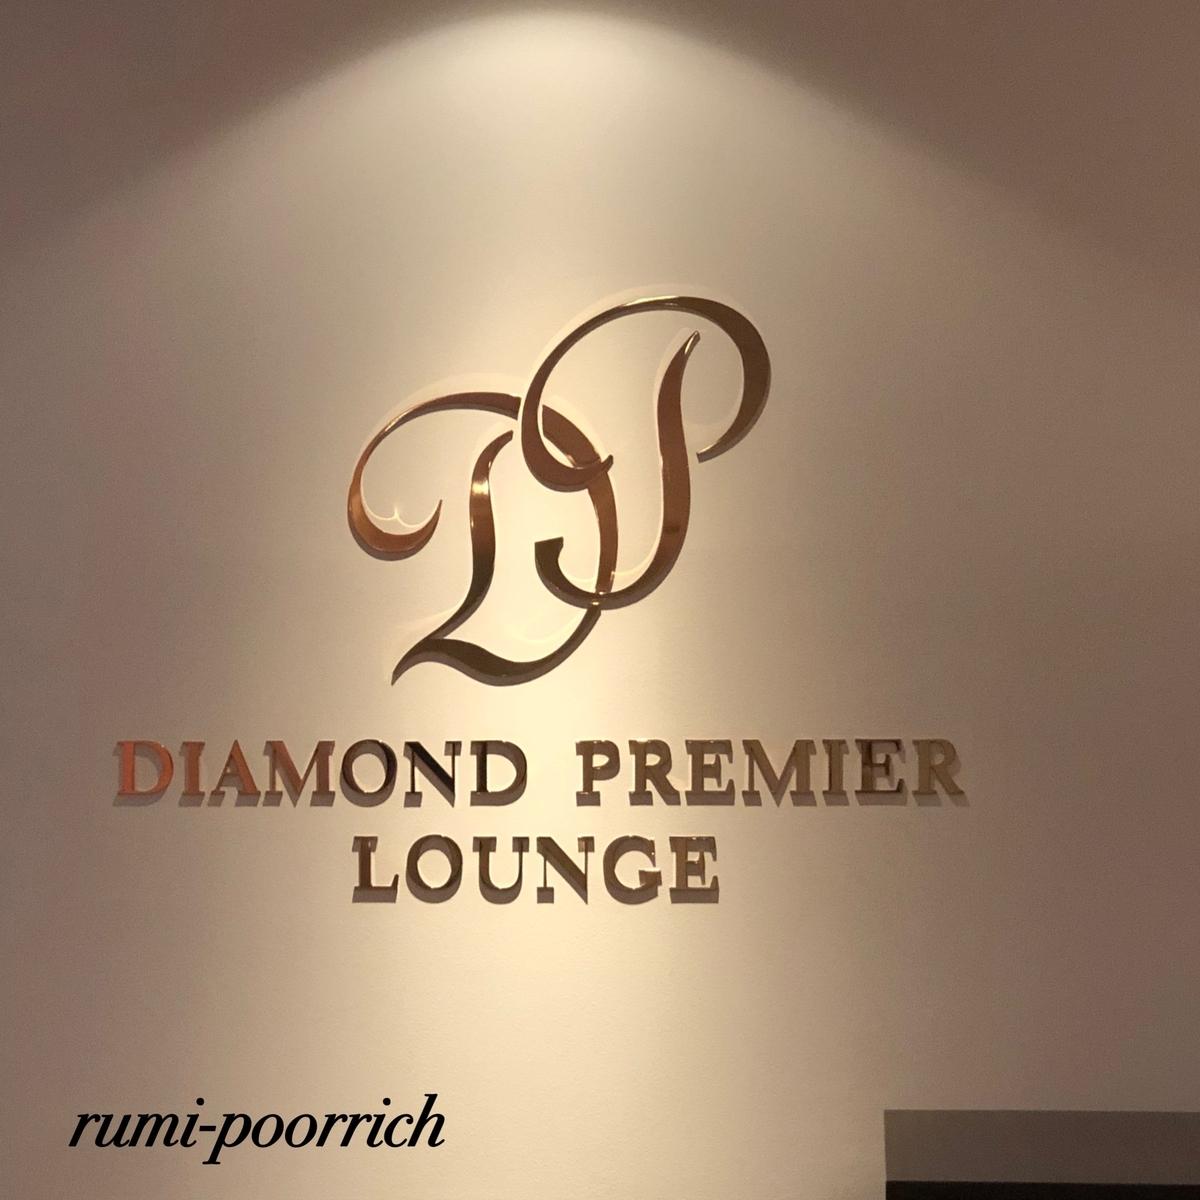 f:id:rumi-poorrich:20210714112755j:plain